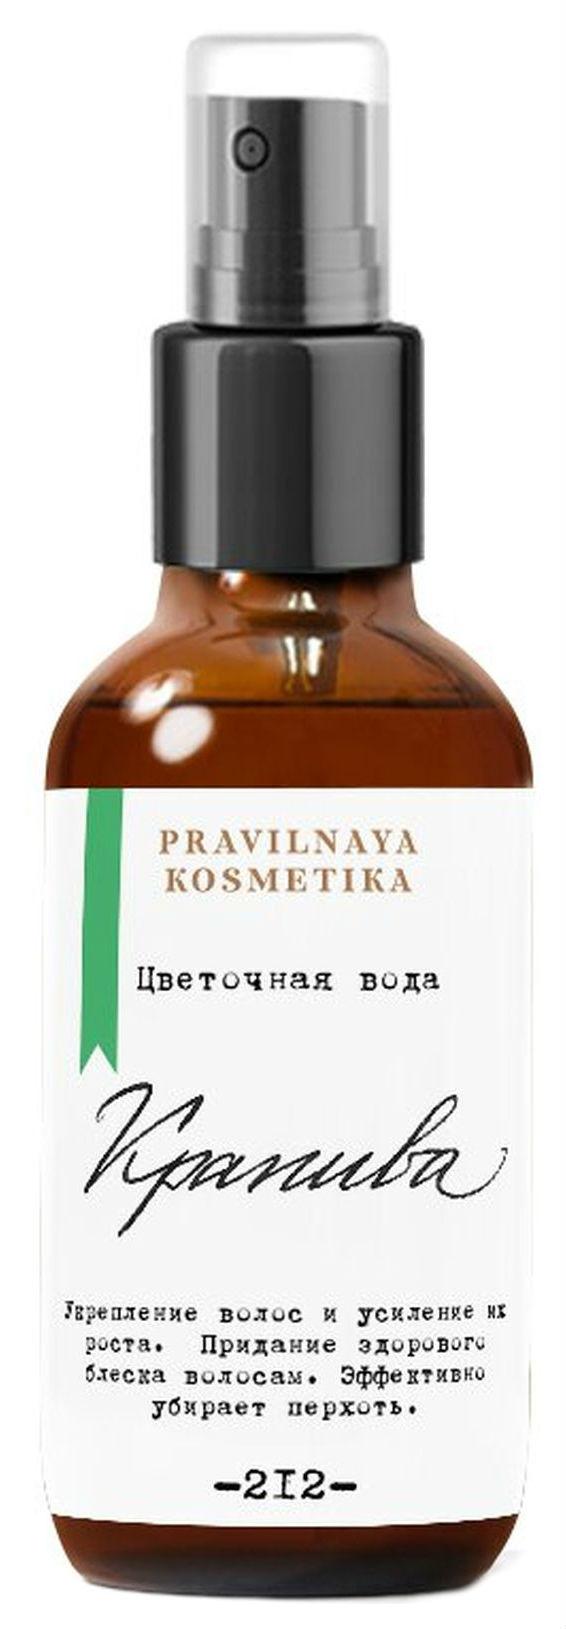 Спрей для волос Pravilnaya Kosmetika Крапива 50 мл фото